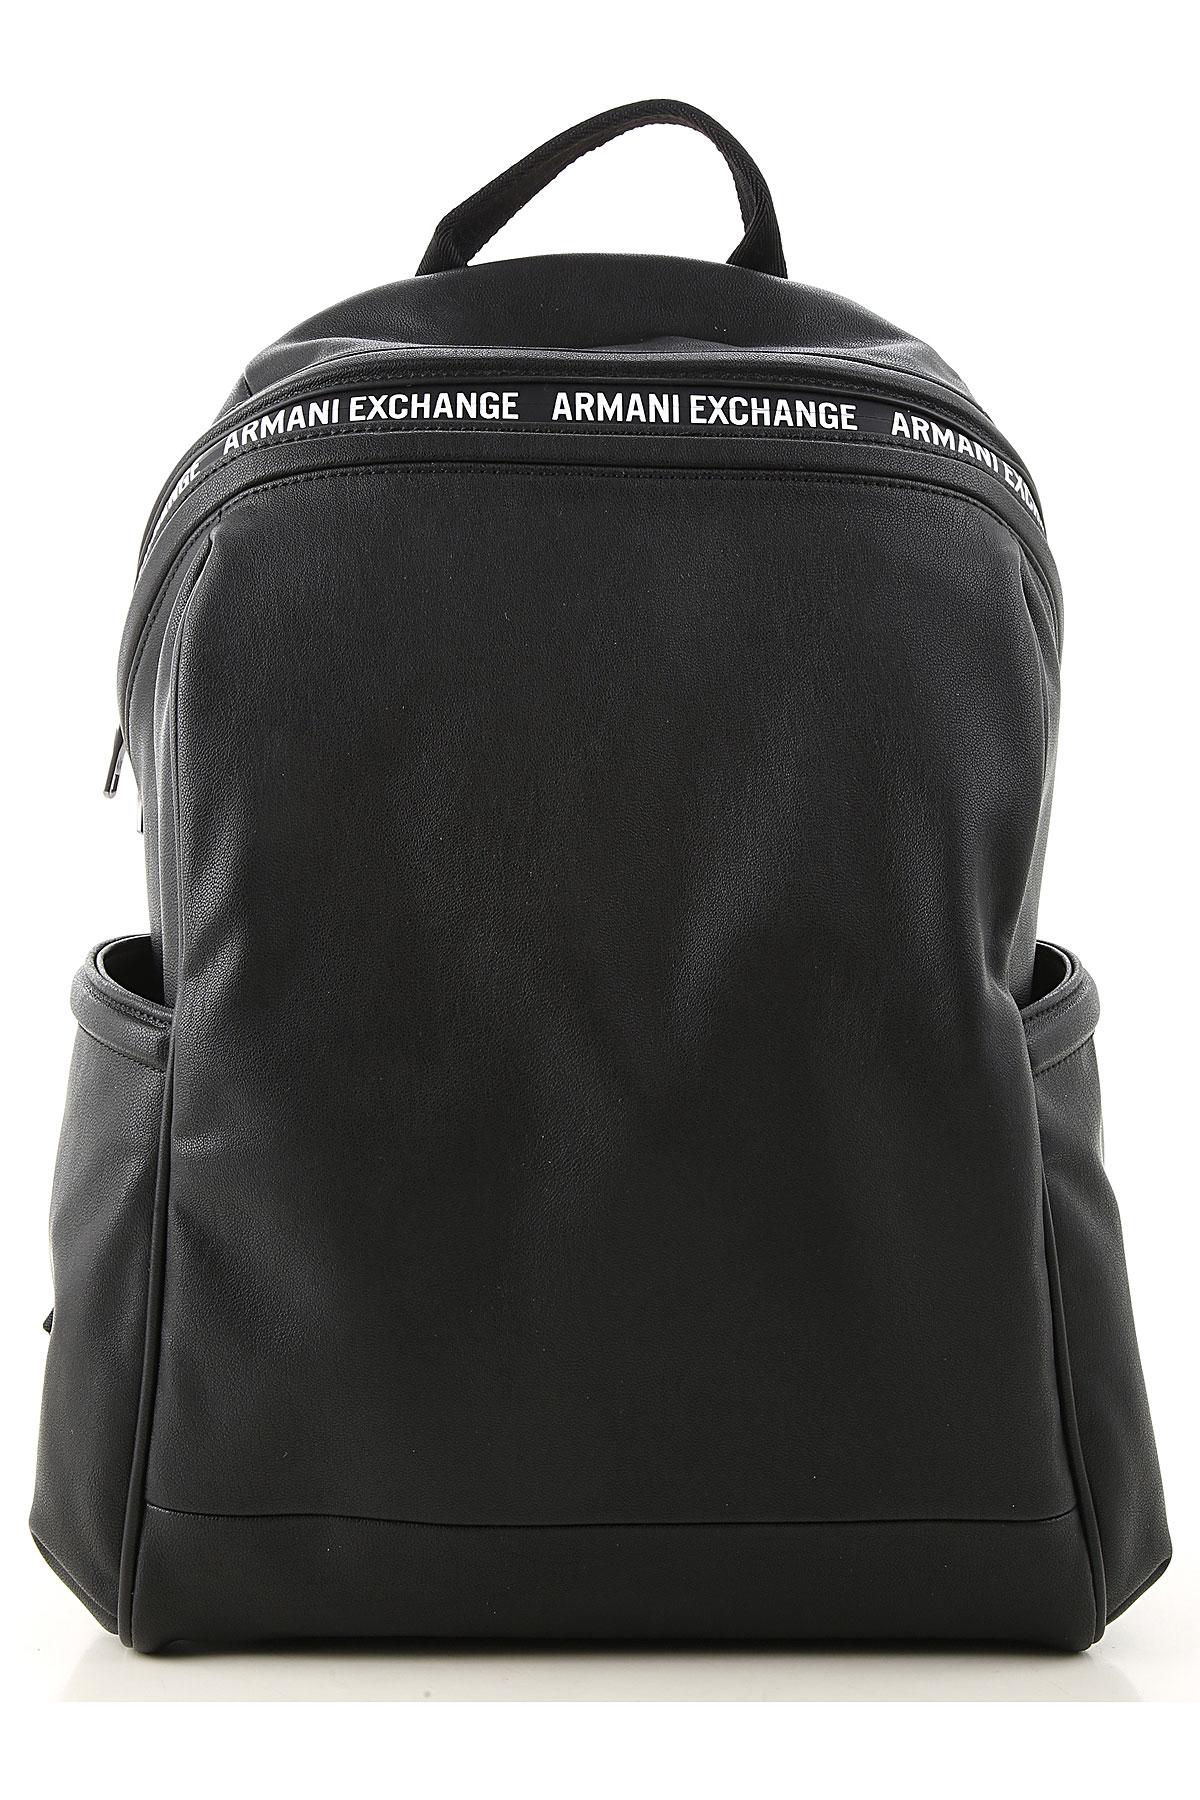 Armani Exchange Backpack for Men On Sale, Black, poliammide, 2019